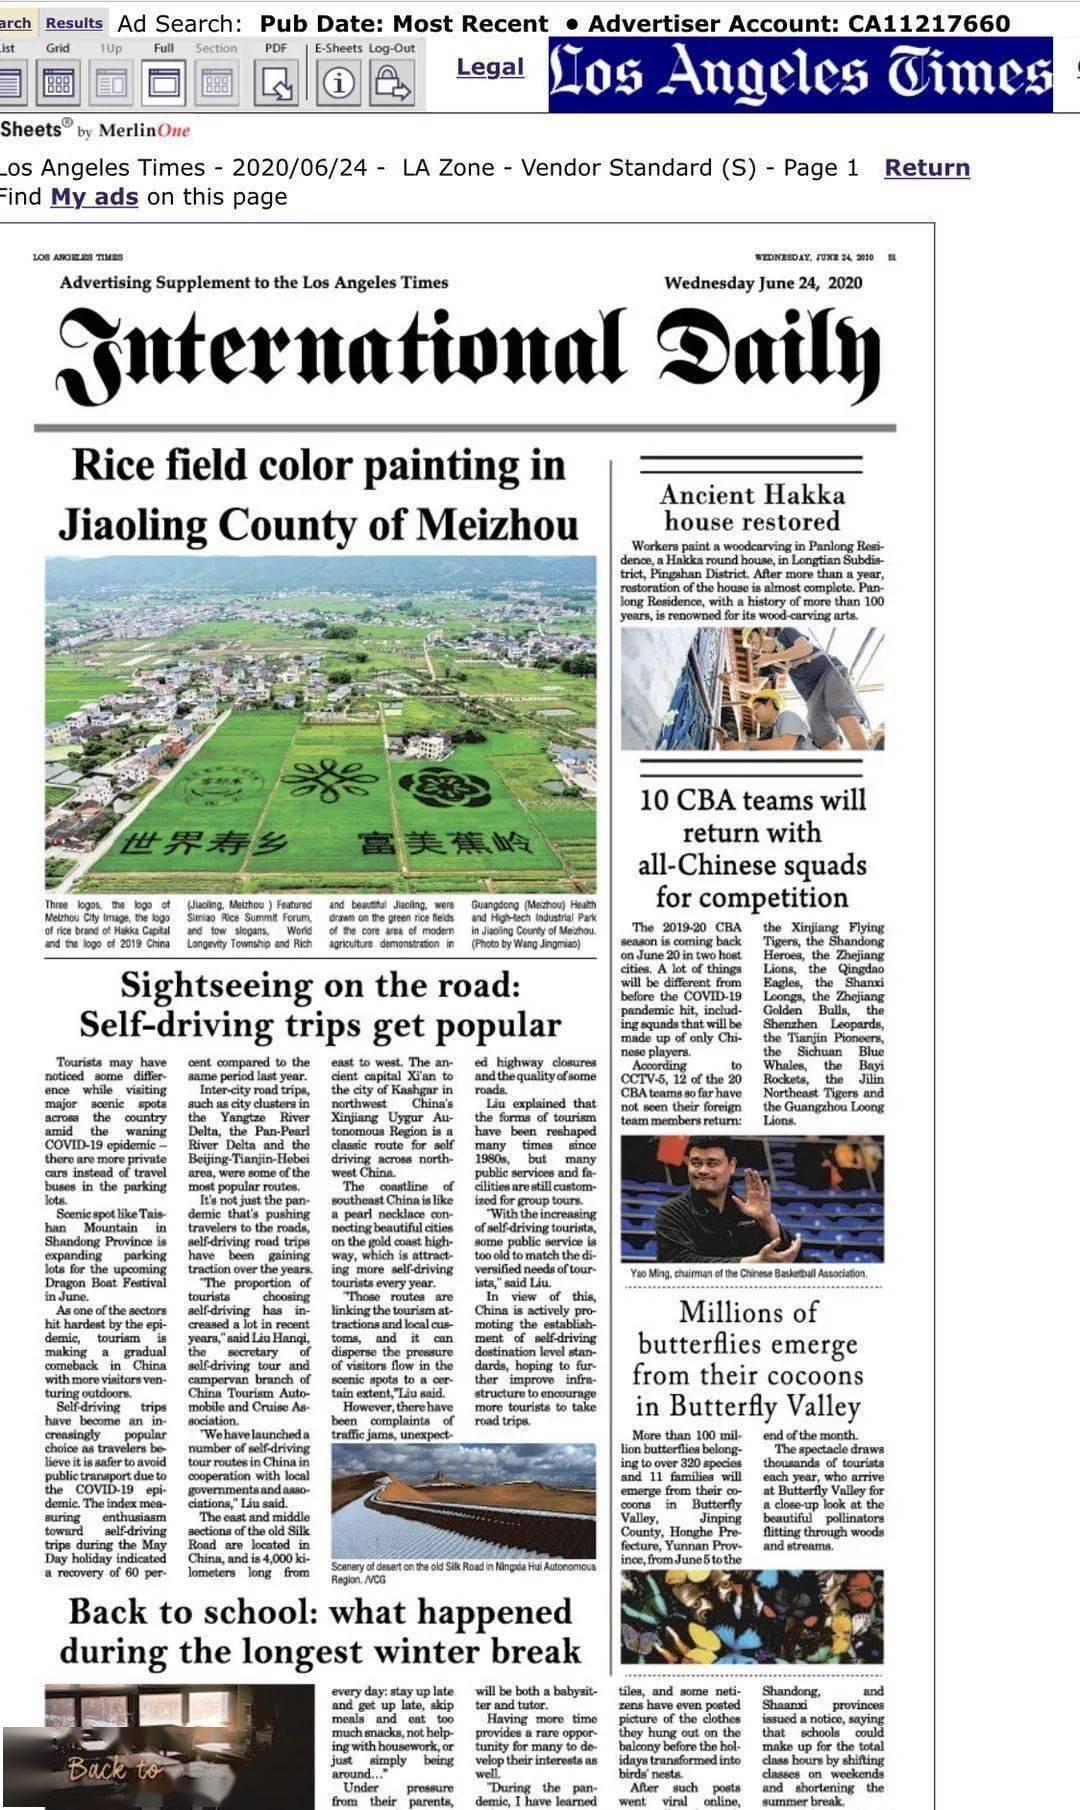 骄傲!蕉岭登上了美国《洛杉矶时报》头版头条!在